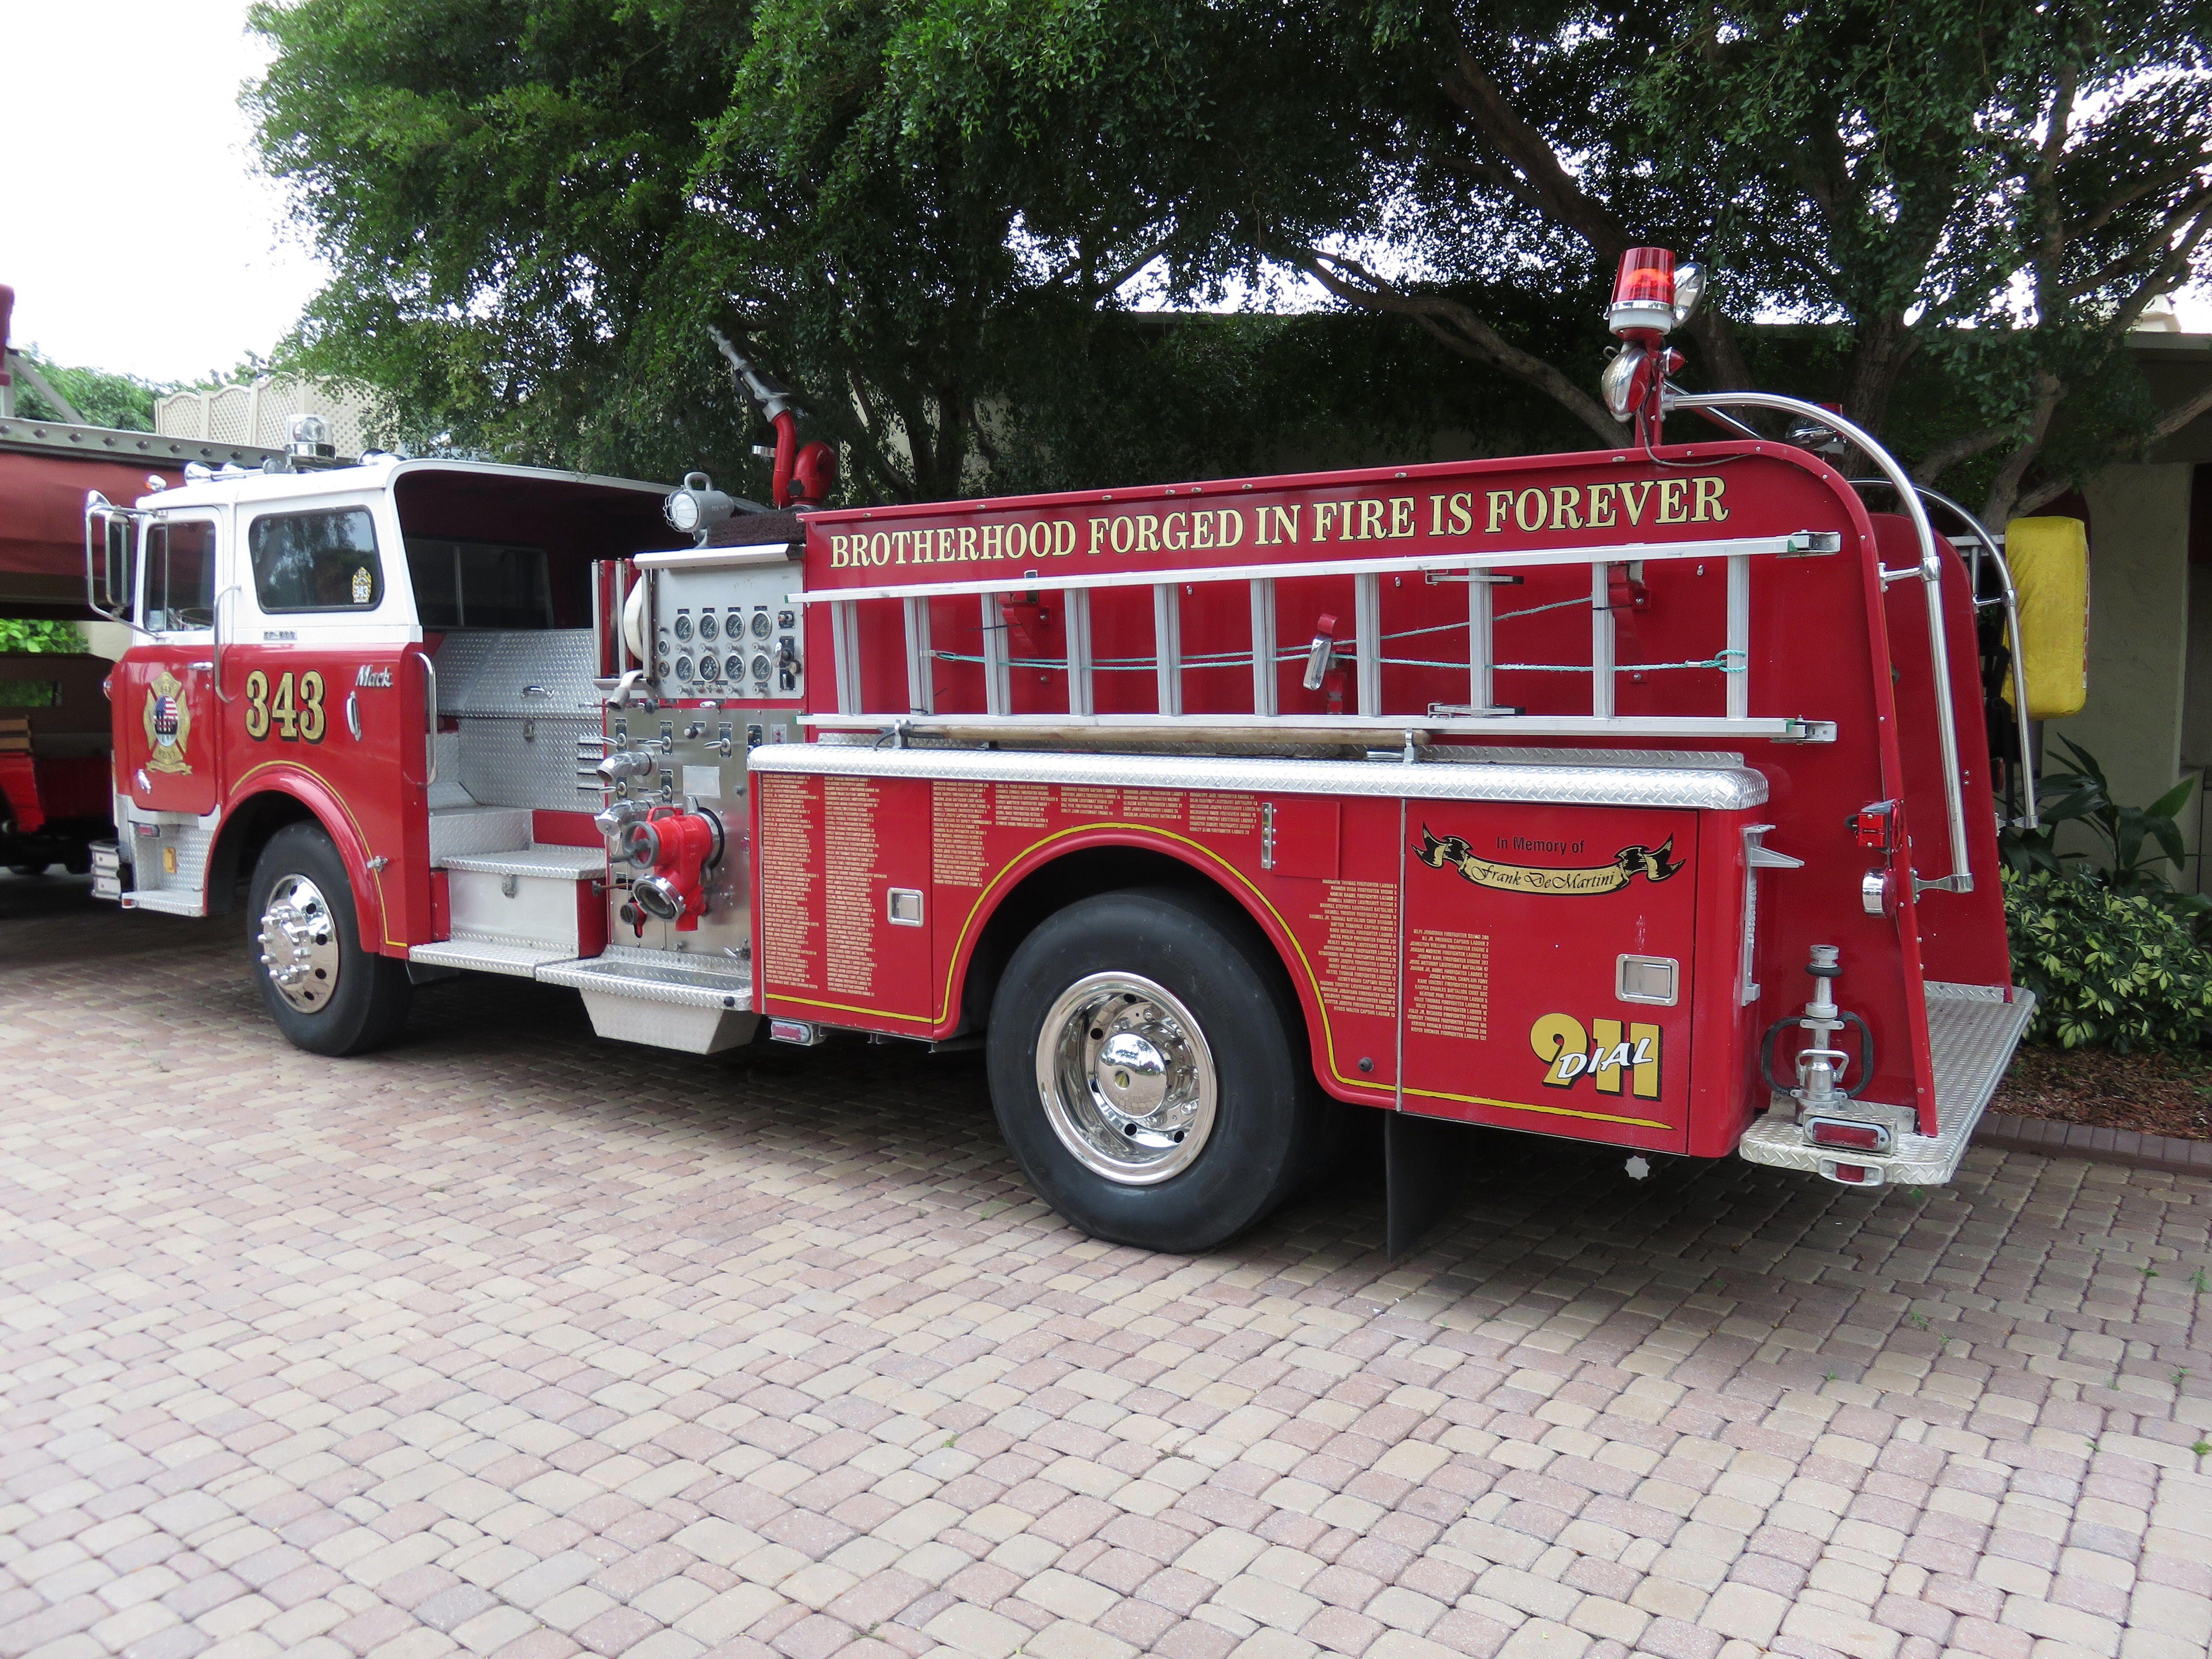 Fire truck   Vervoer   Pinterest